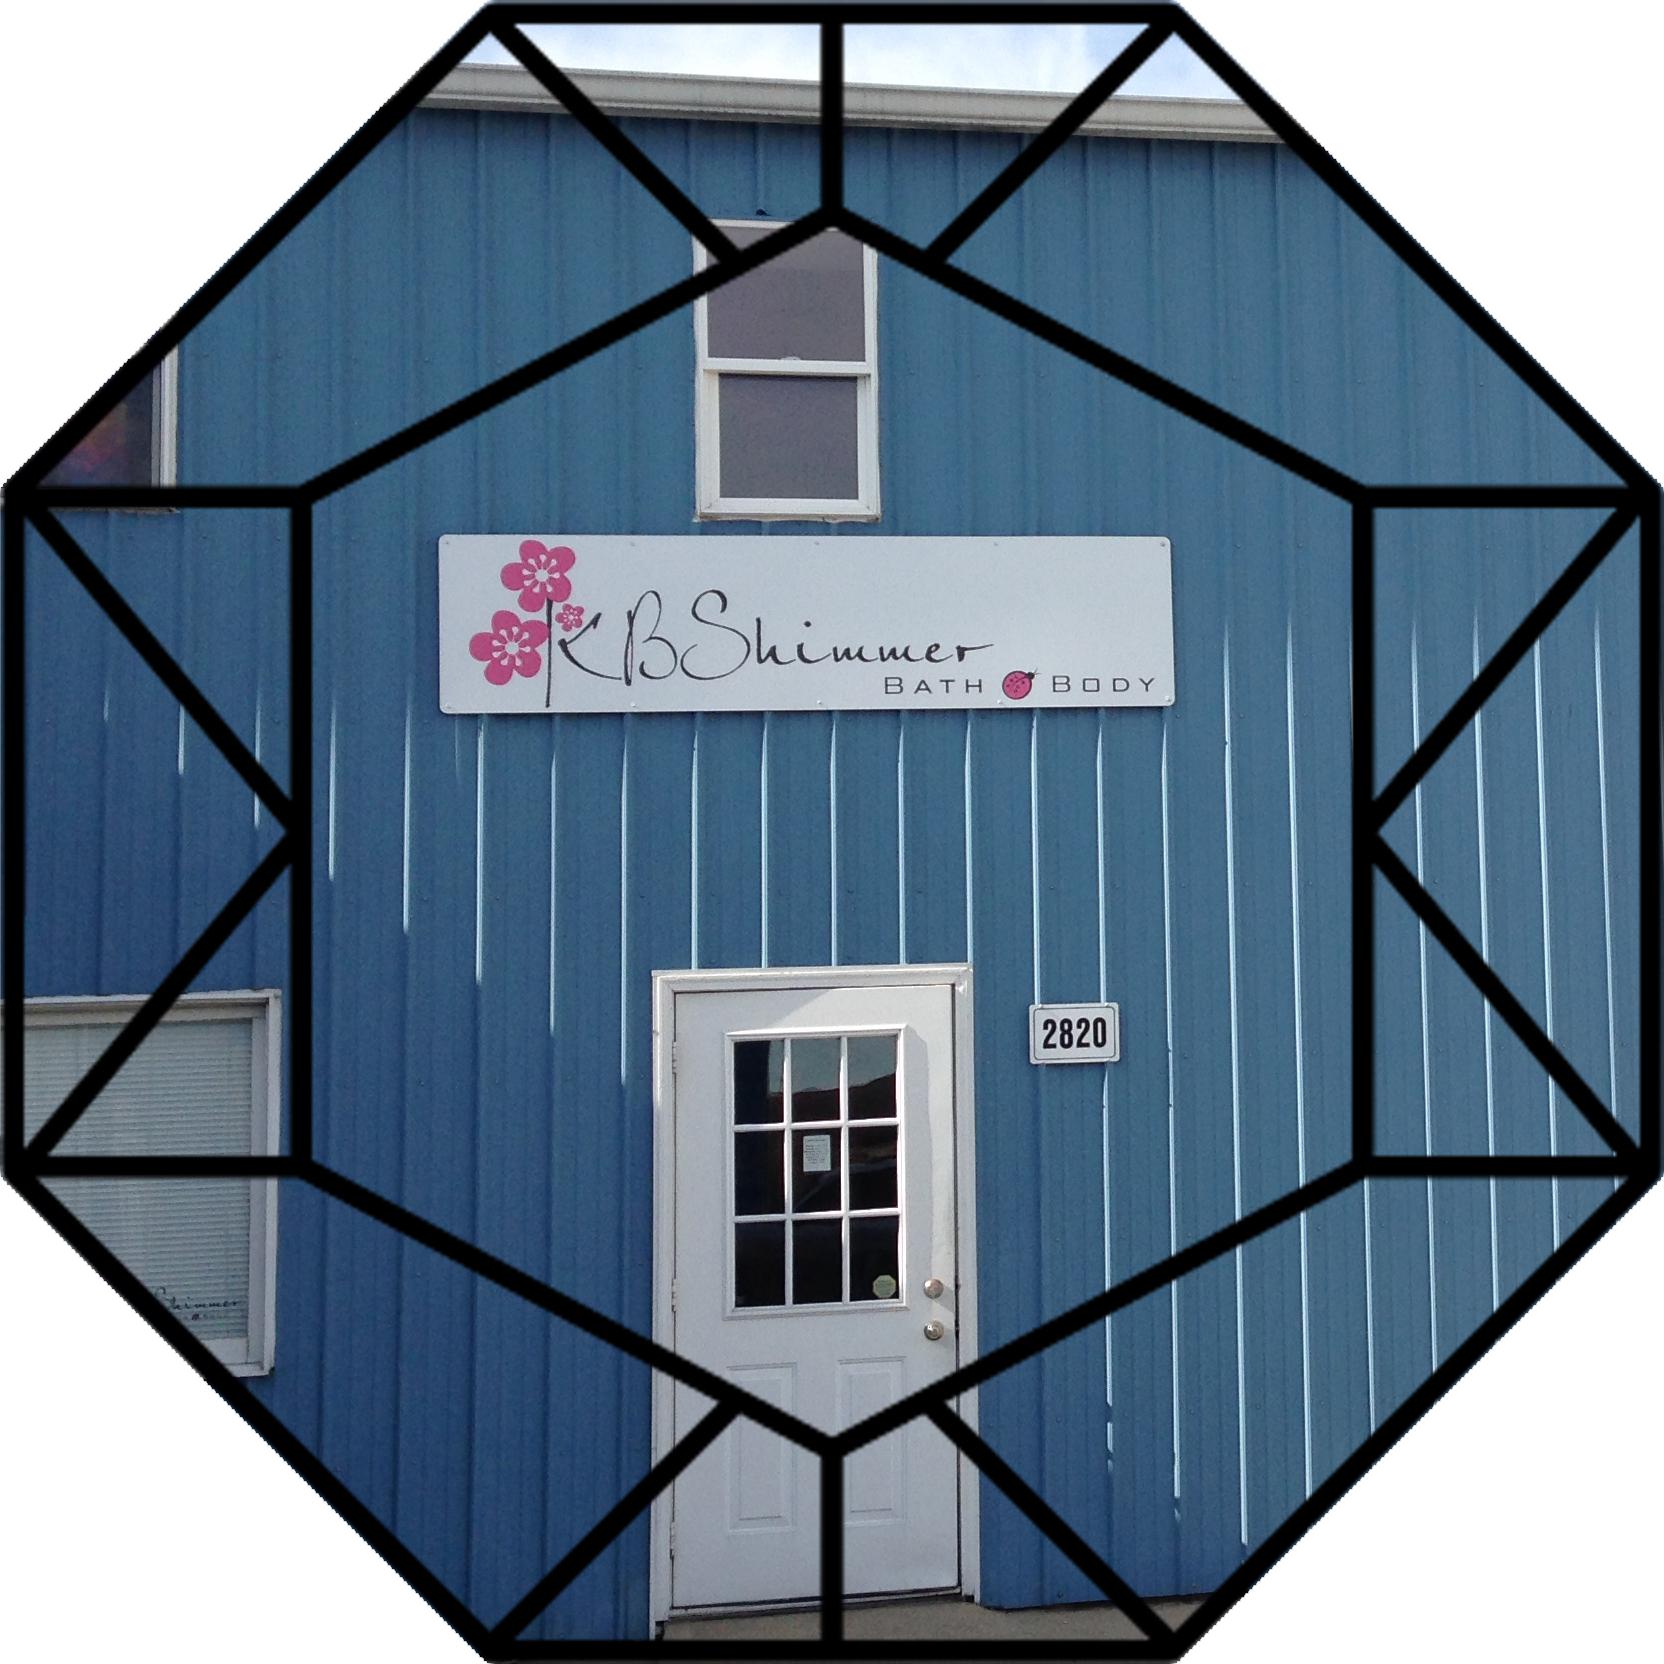 Photo of KBShimmer Warehouse